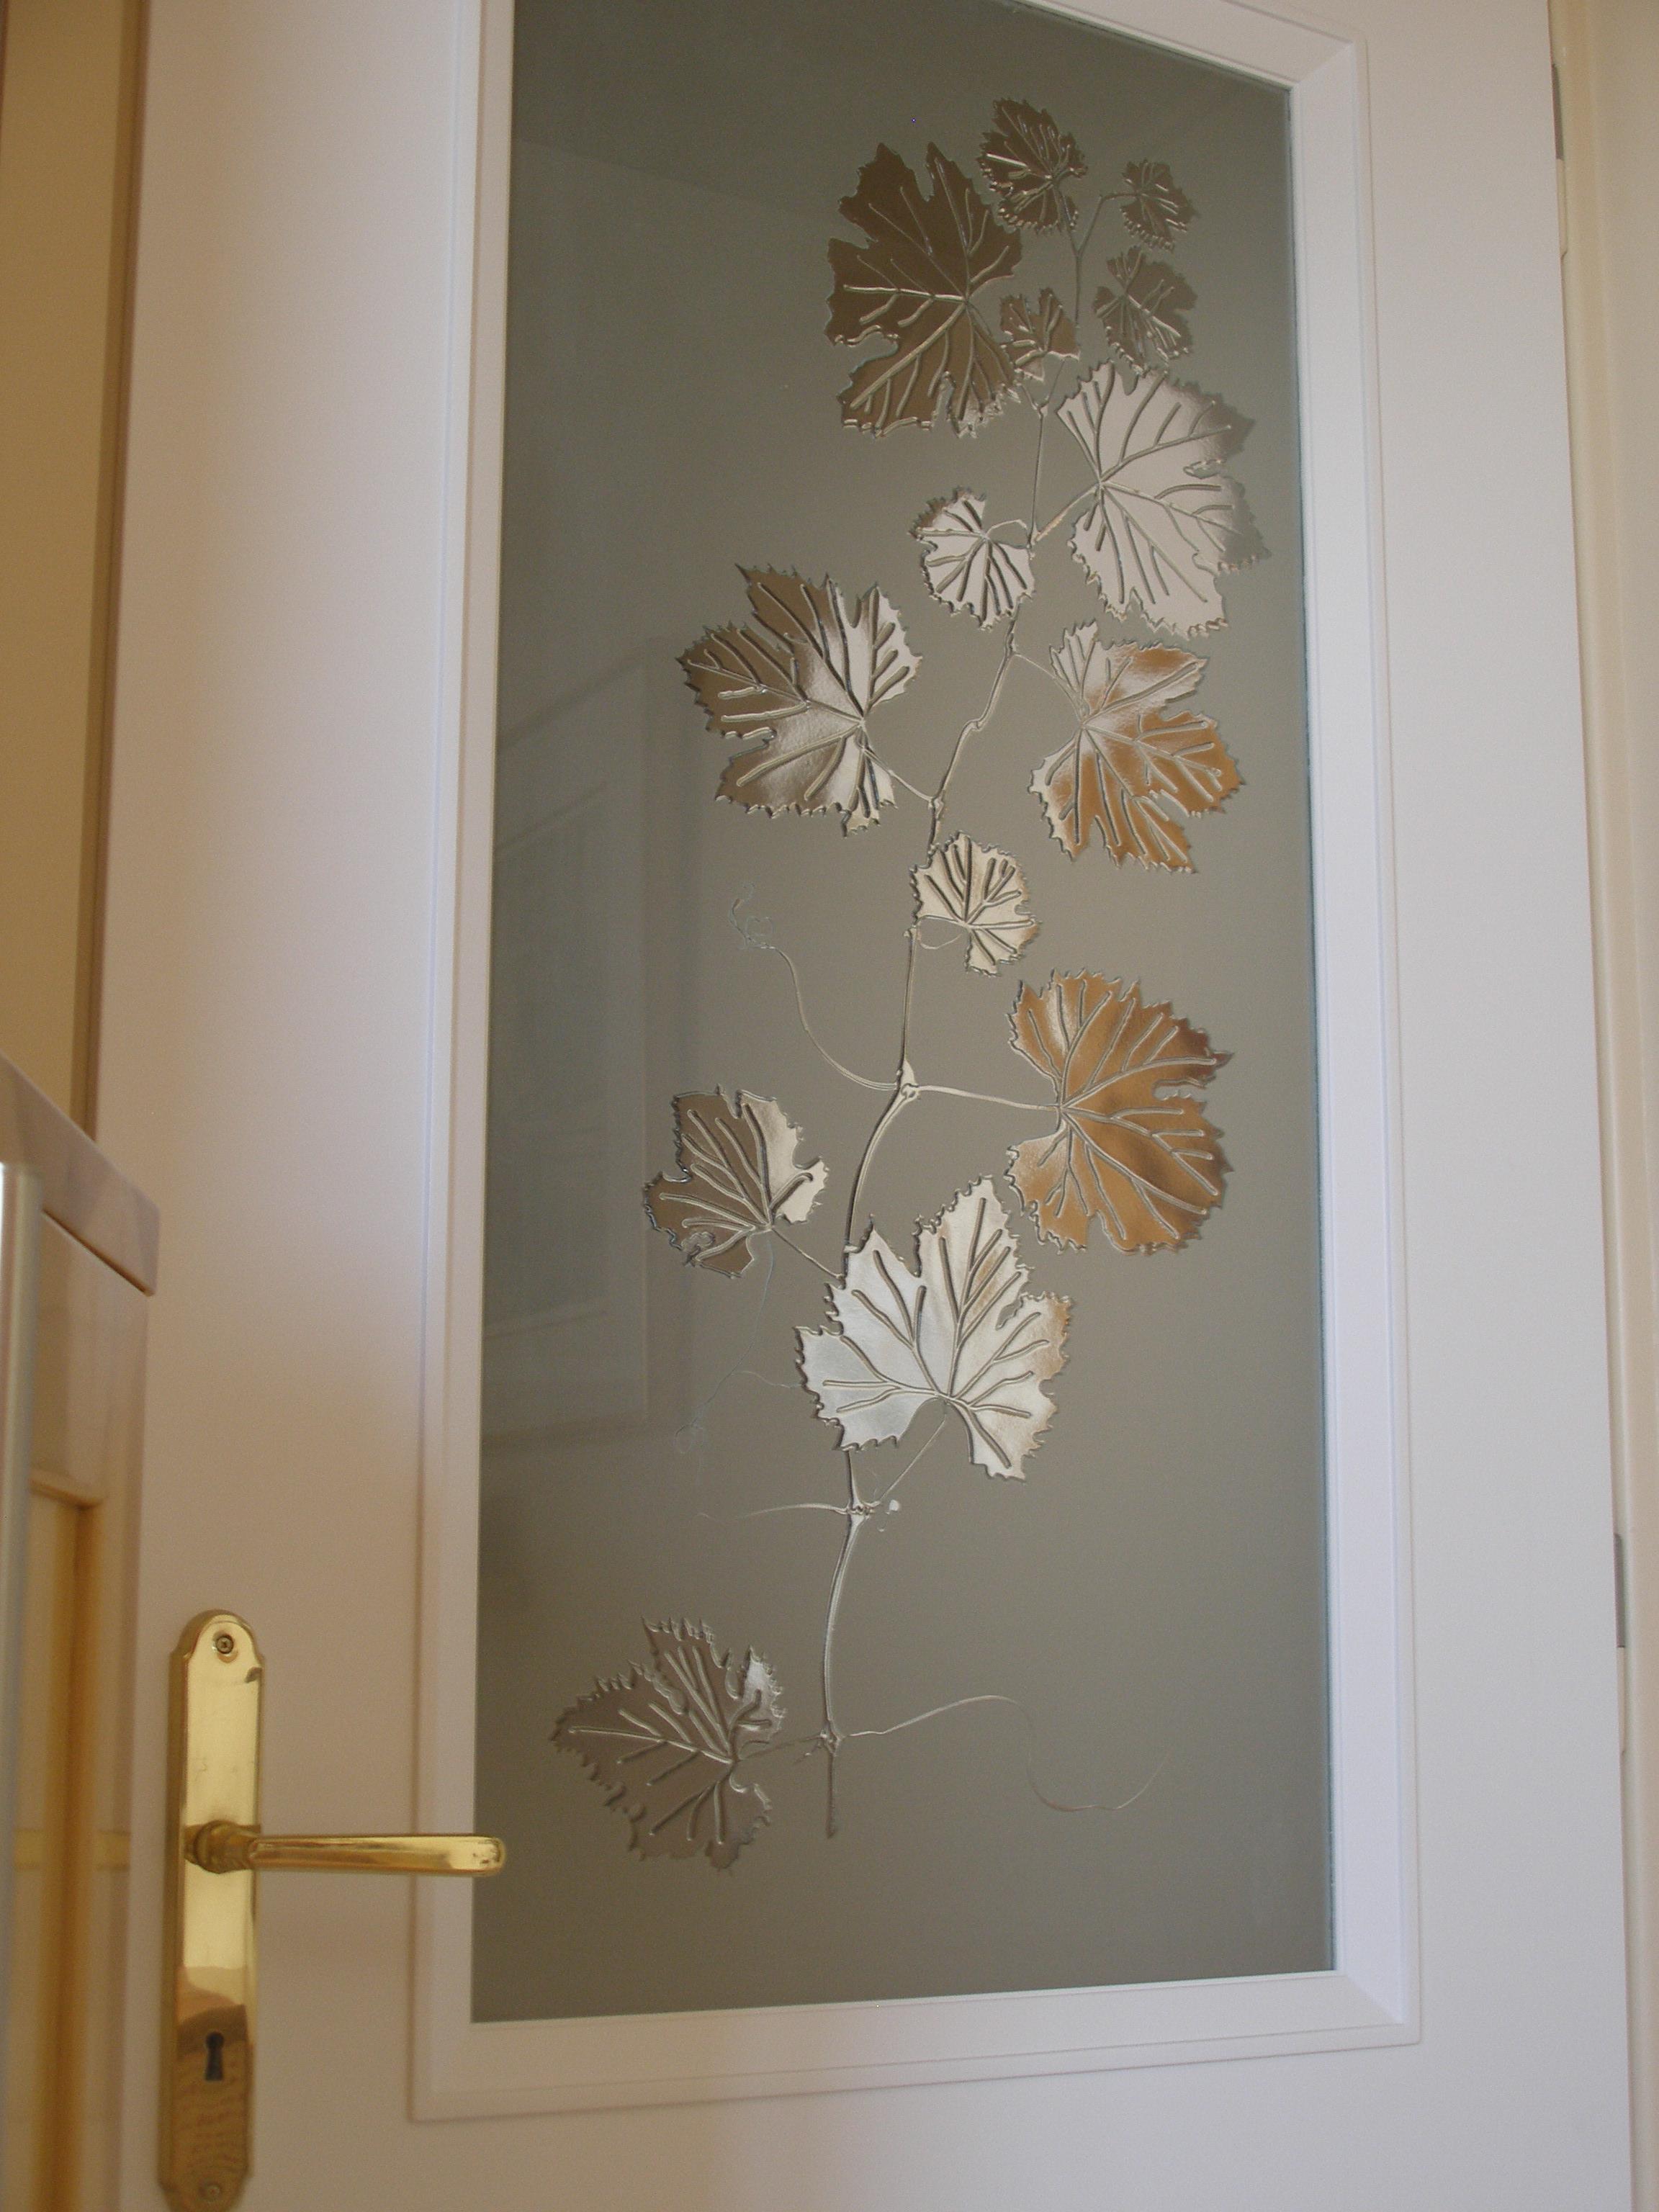 Σχέδιο σε ξύλινη πόρτα Νο 1